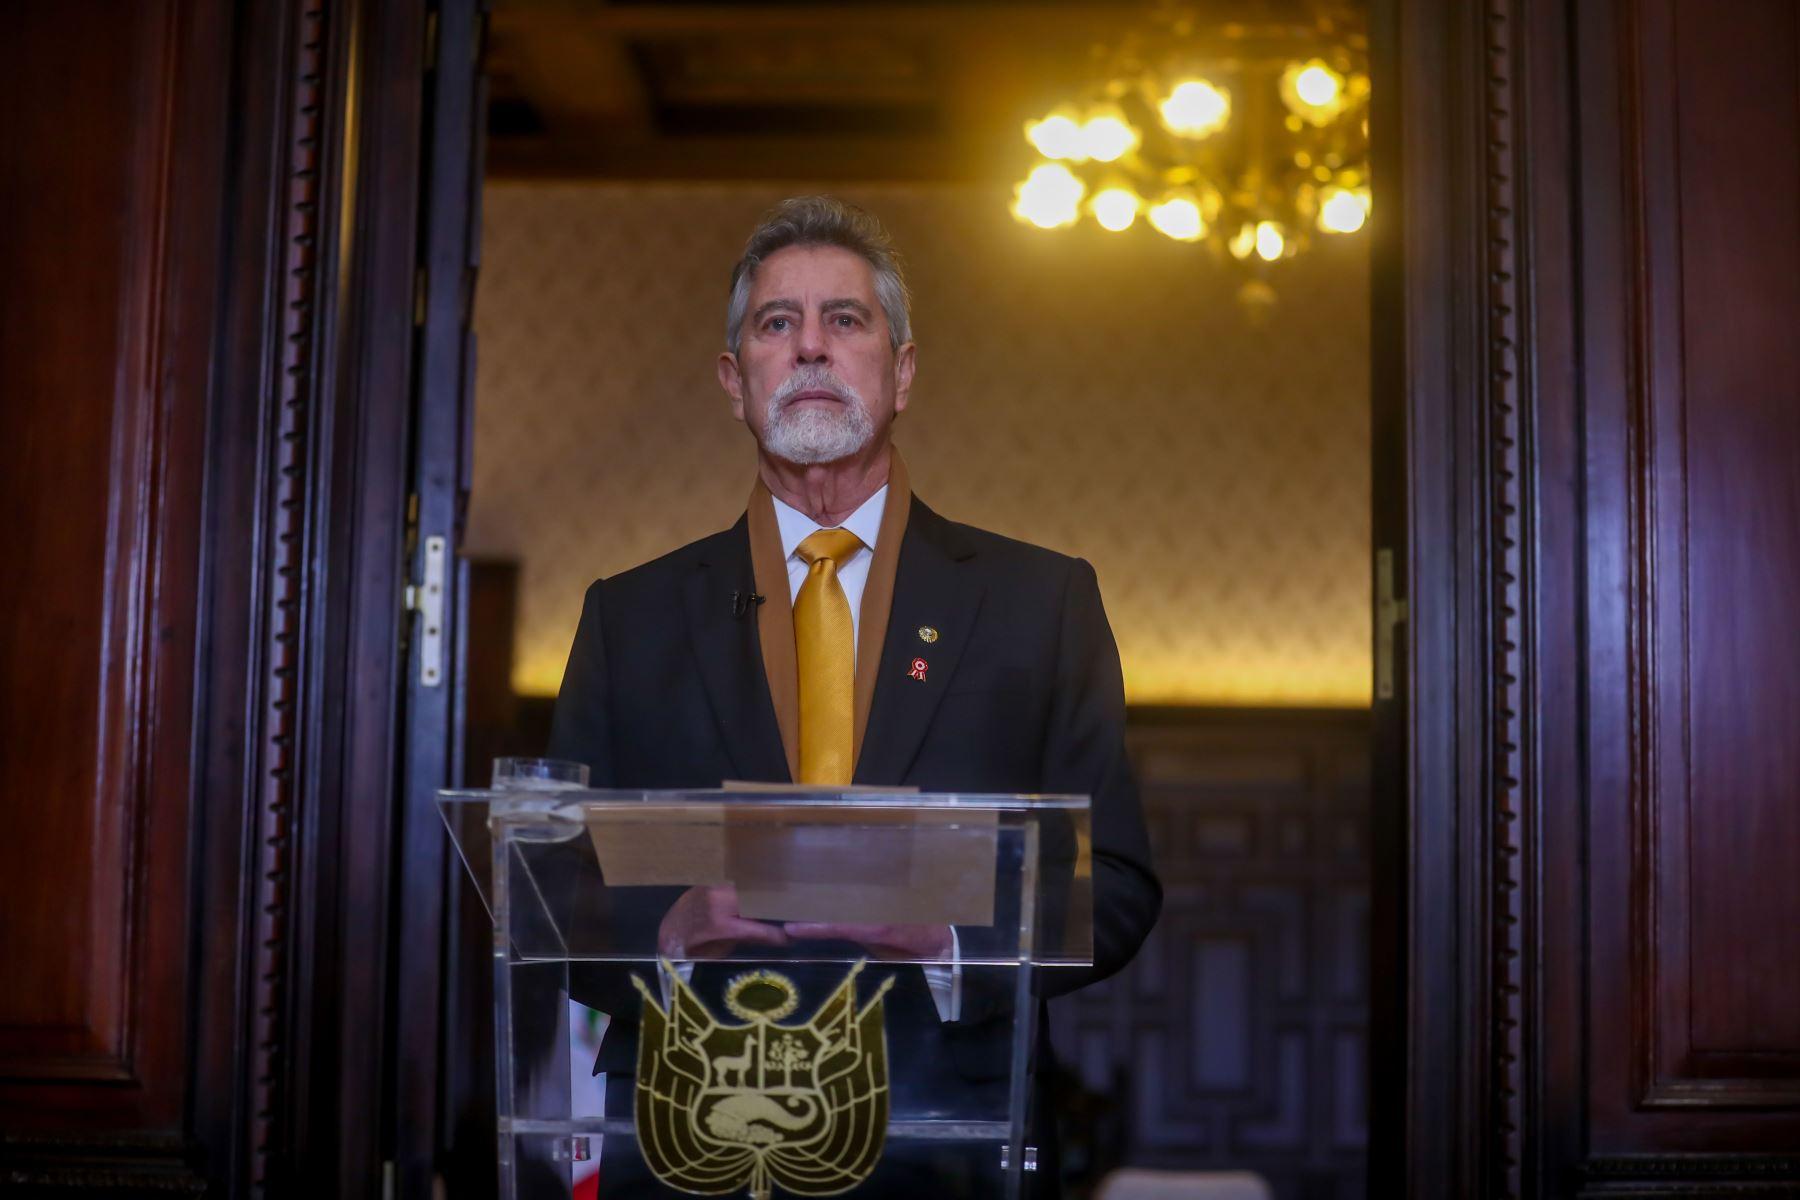 Último Mensaje a la Nación del presidente de la República, Francisco Sagasti. Foto: ANDINA/Prensa Presidencia